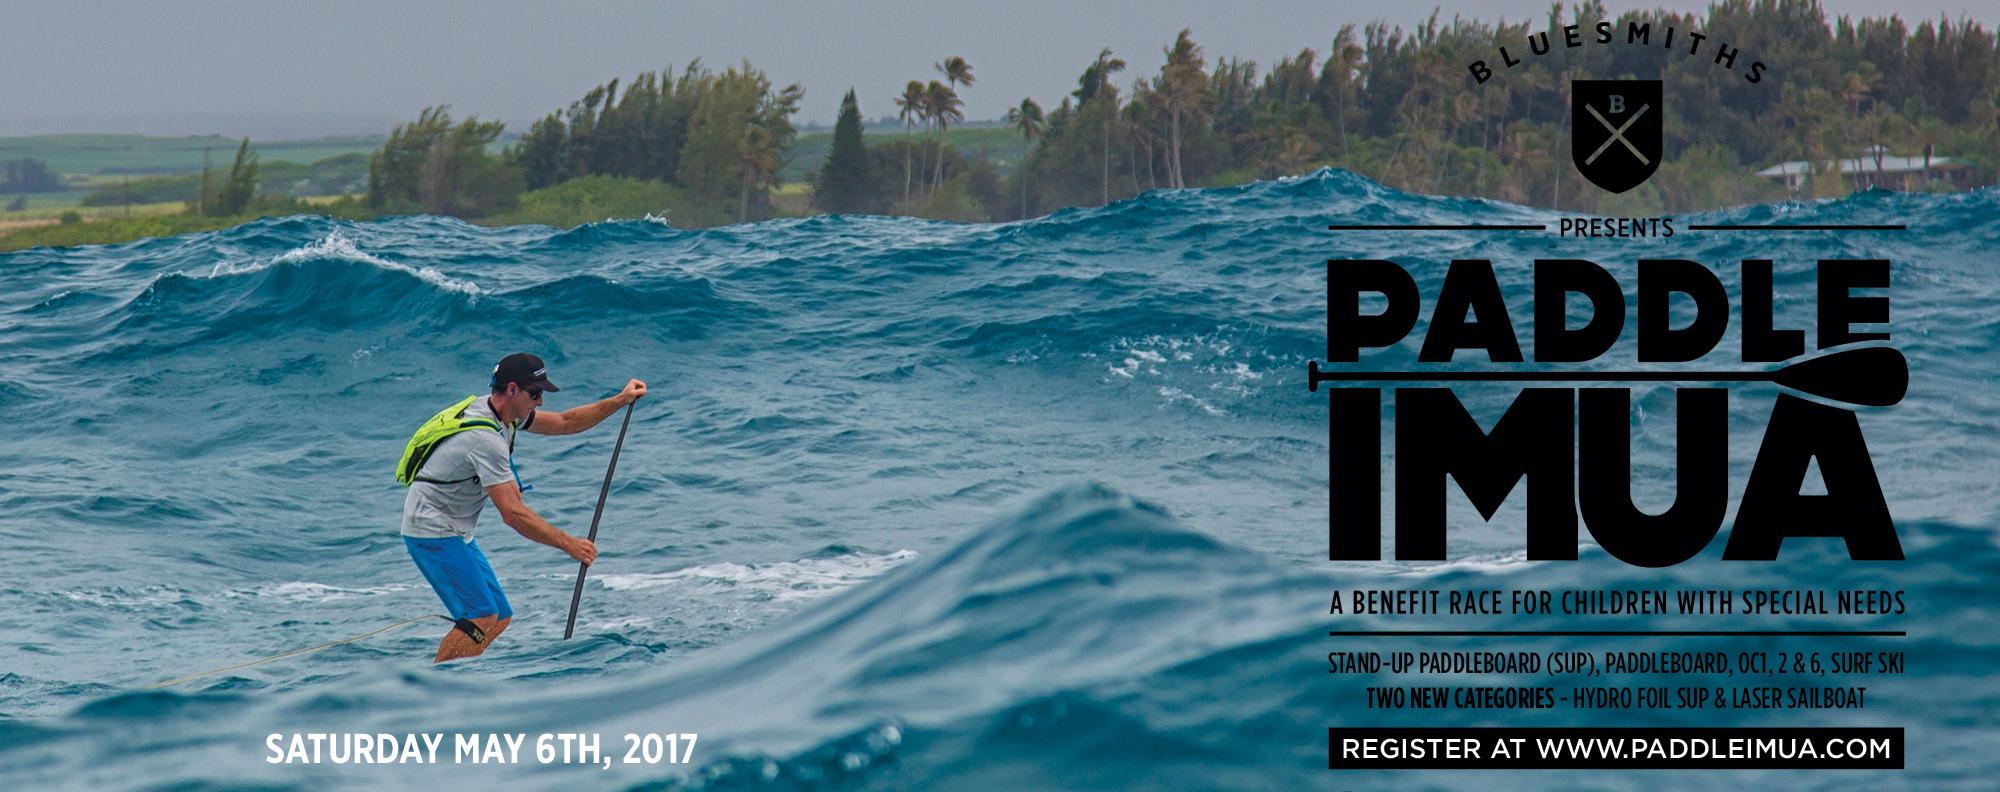 Paddle boarding maui westin webcam